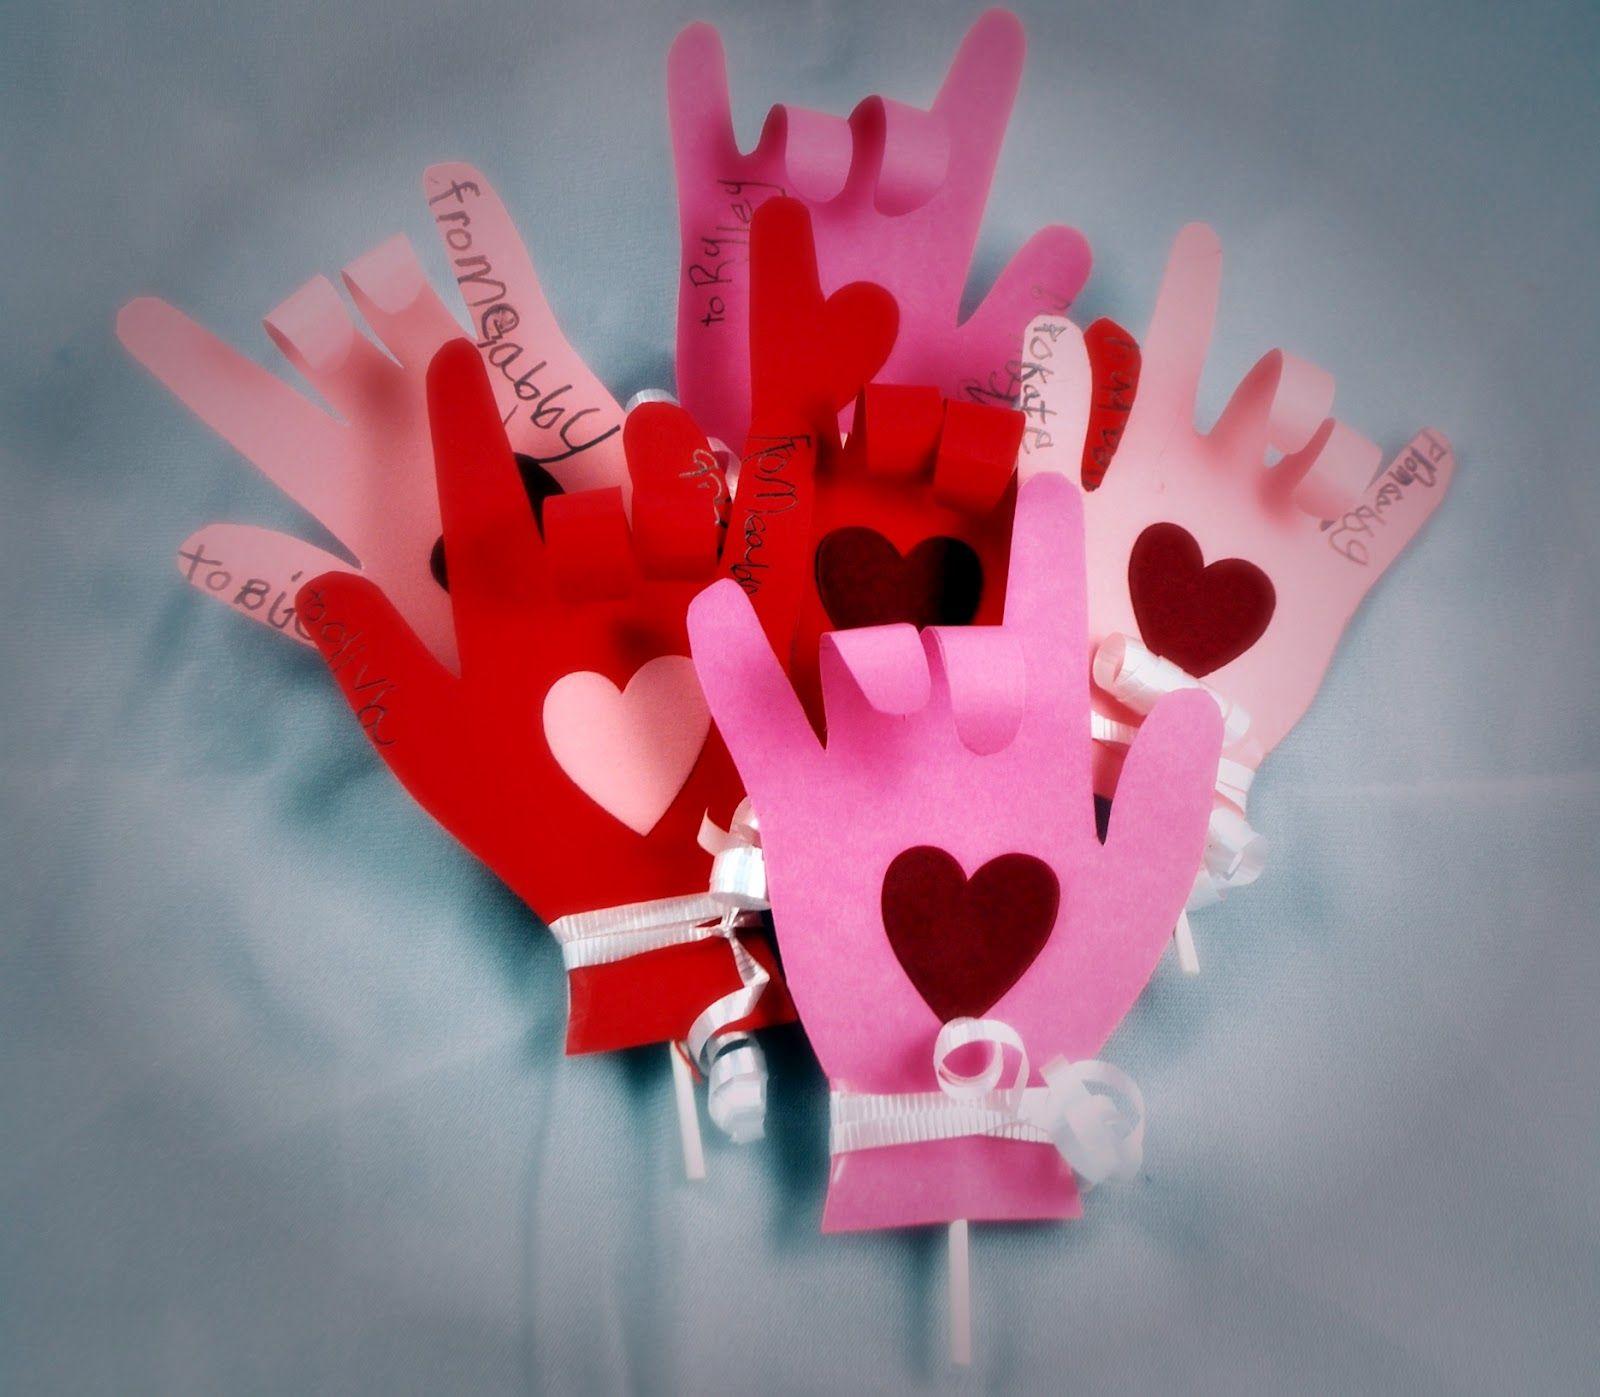 jill of all trades craft kindergarten valentines - Valentines For Kindergarten Class